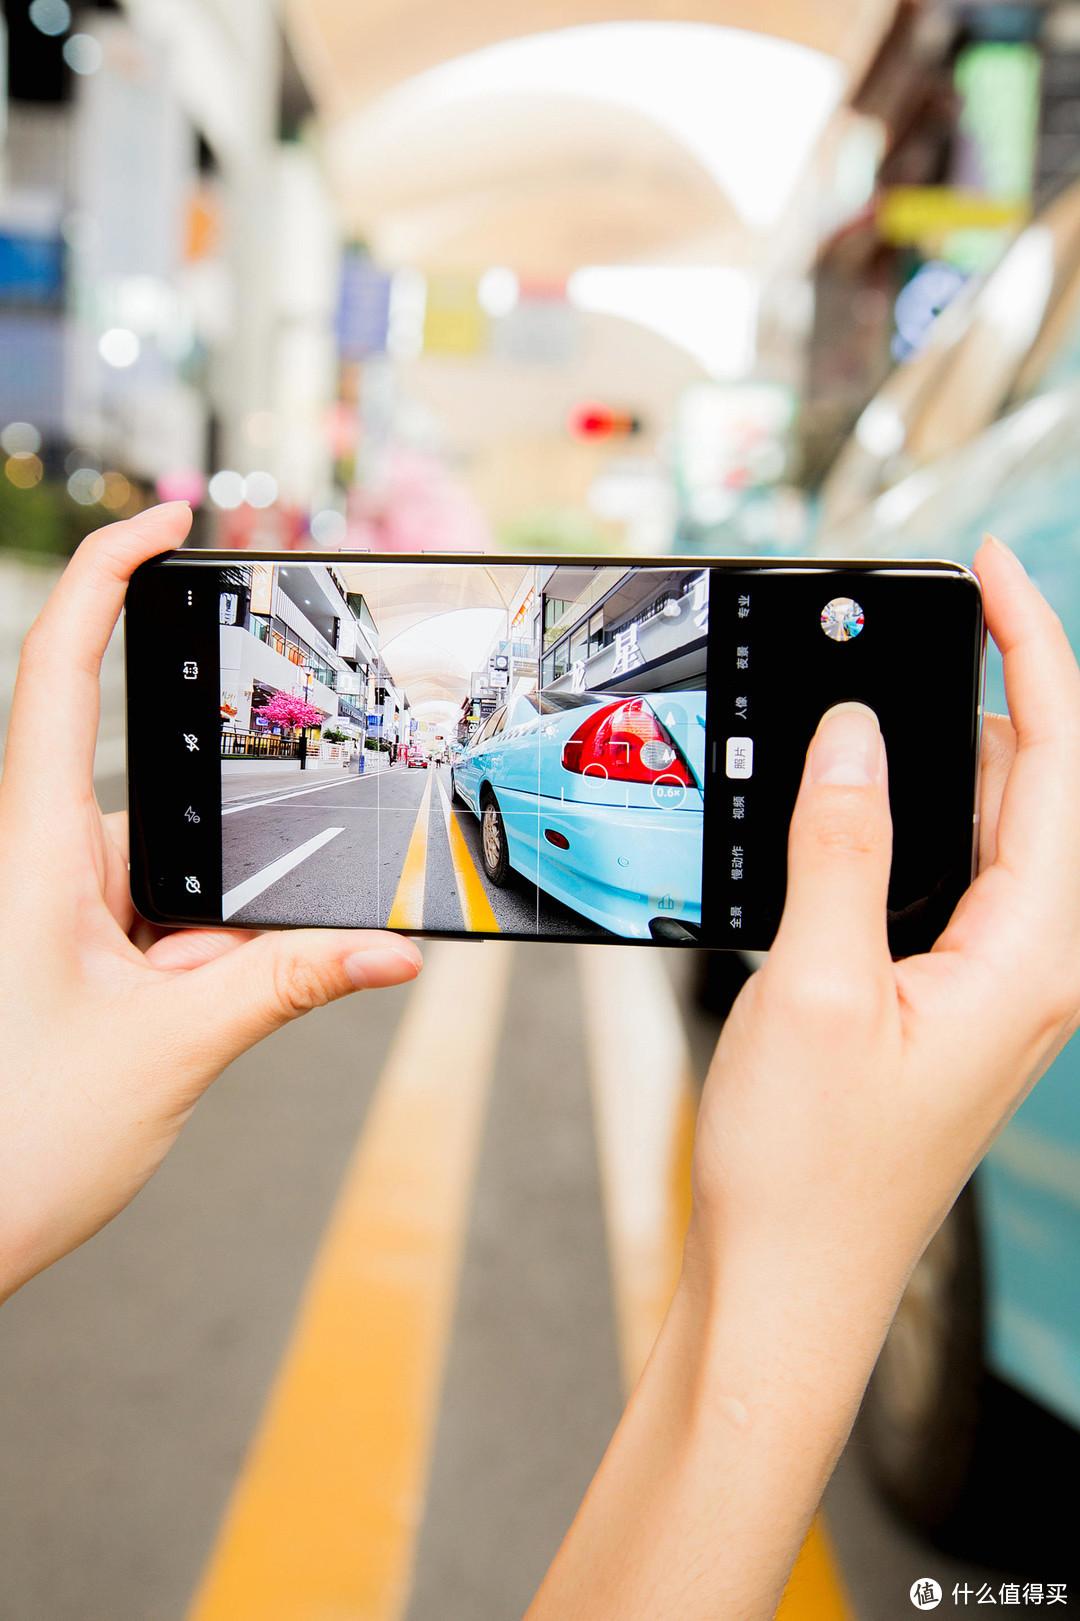 4000块的手机,能带来什么样的拍照体验?看完这些样张我有话要讲